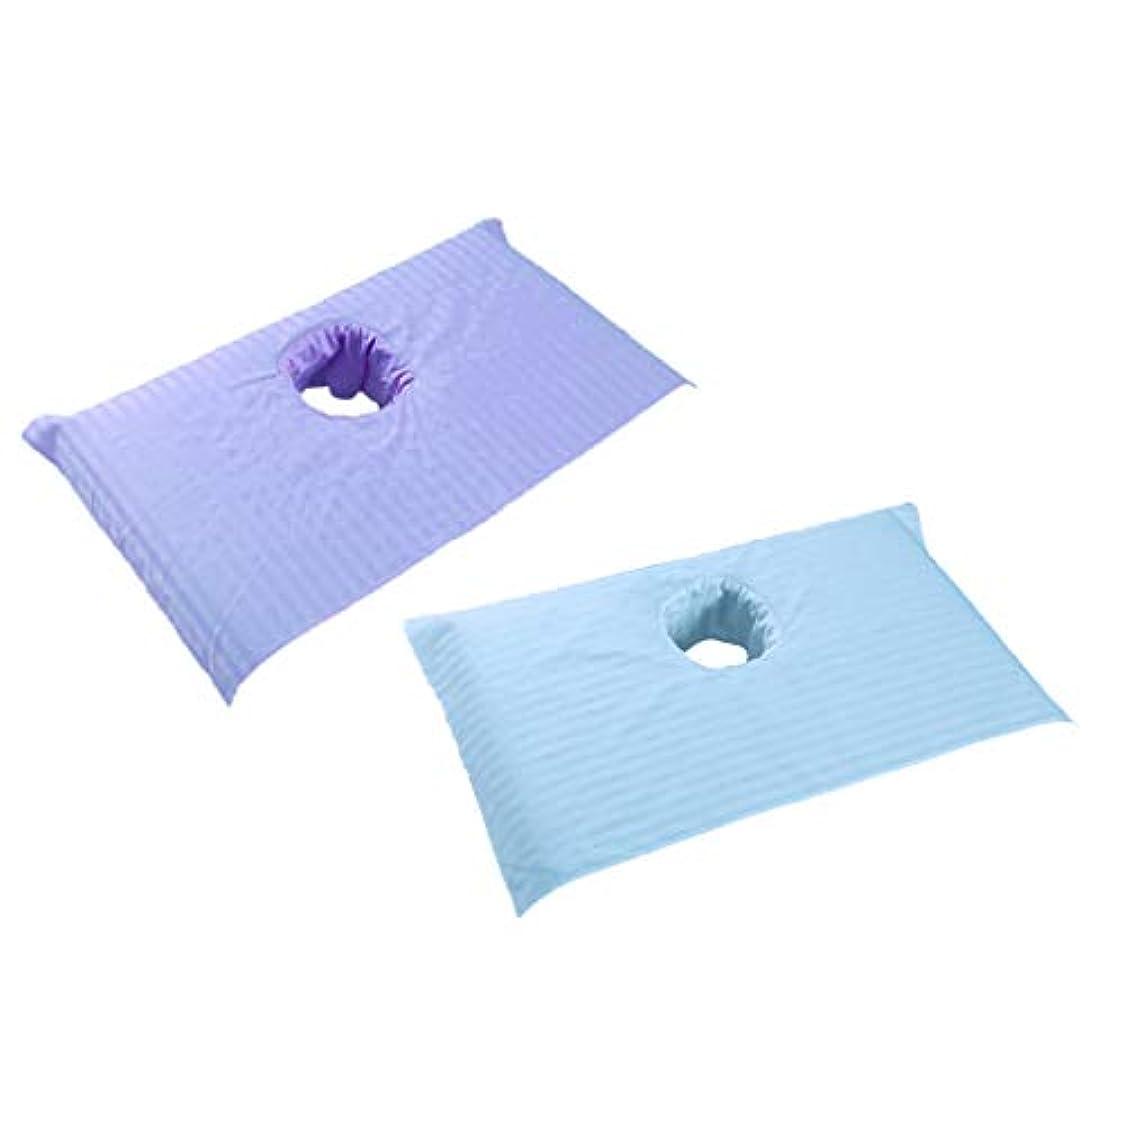 サージ請求自動車FutuHome 2枚の柔らかい綿の美のマッサージの鉱泉の処置のベッドの表紙シート75 X 55cmのパック